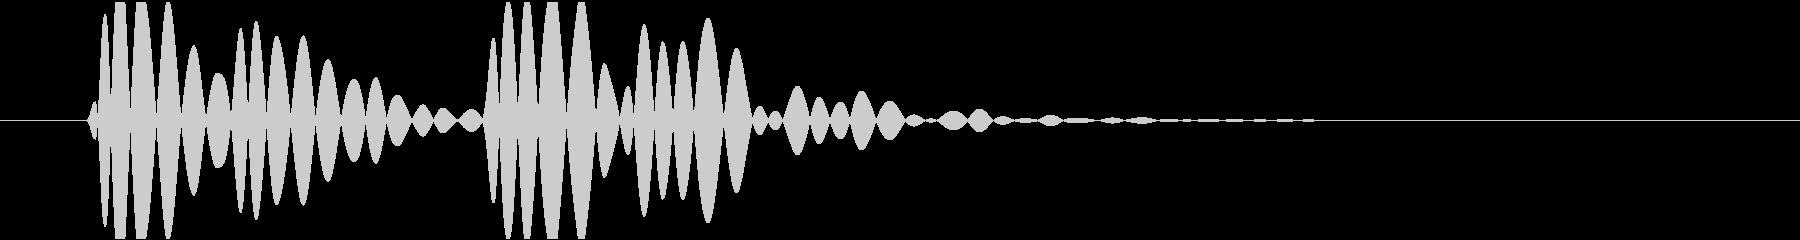 ドクン(心臓、鼓動、心電図)の未再生の波形